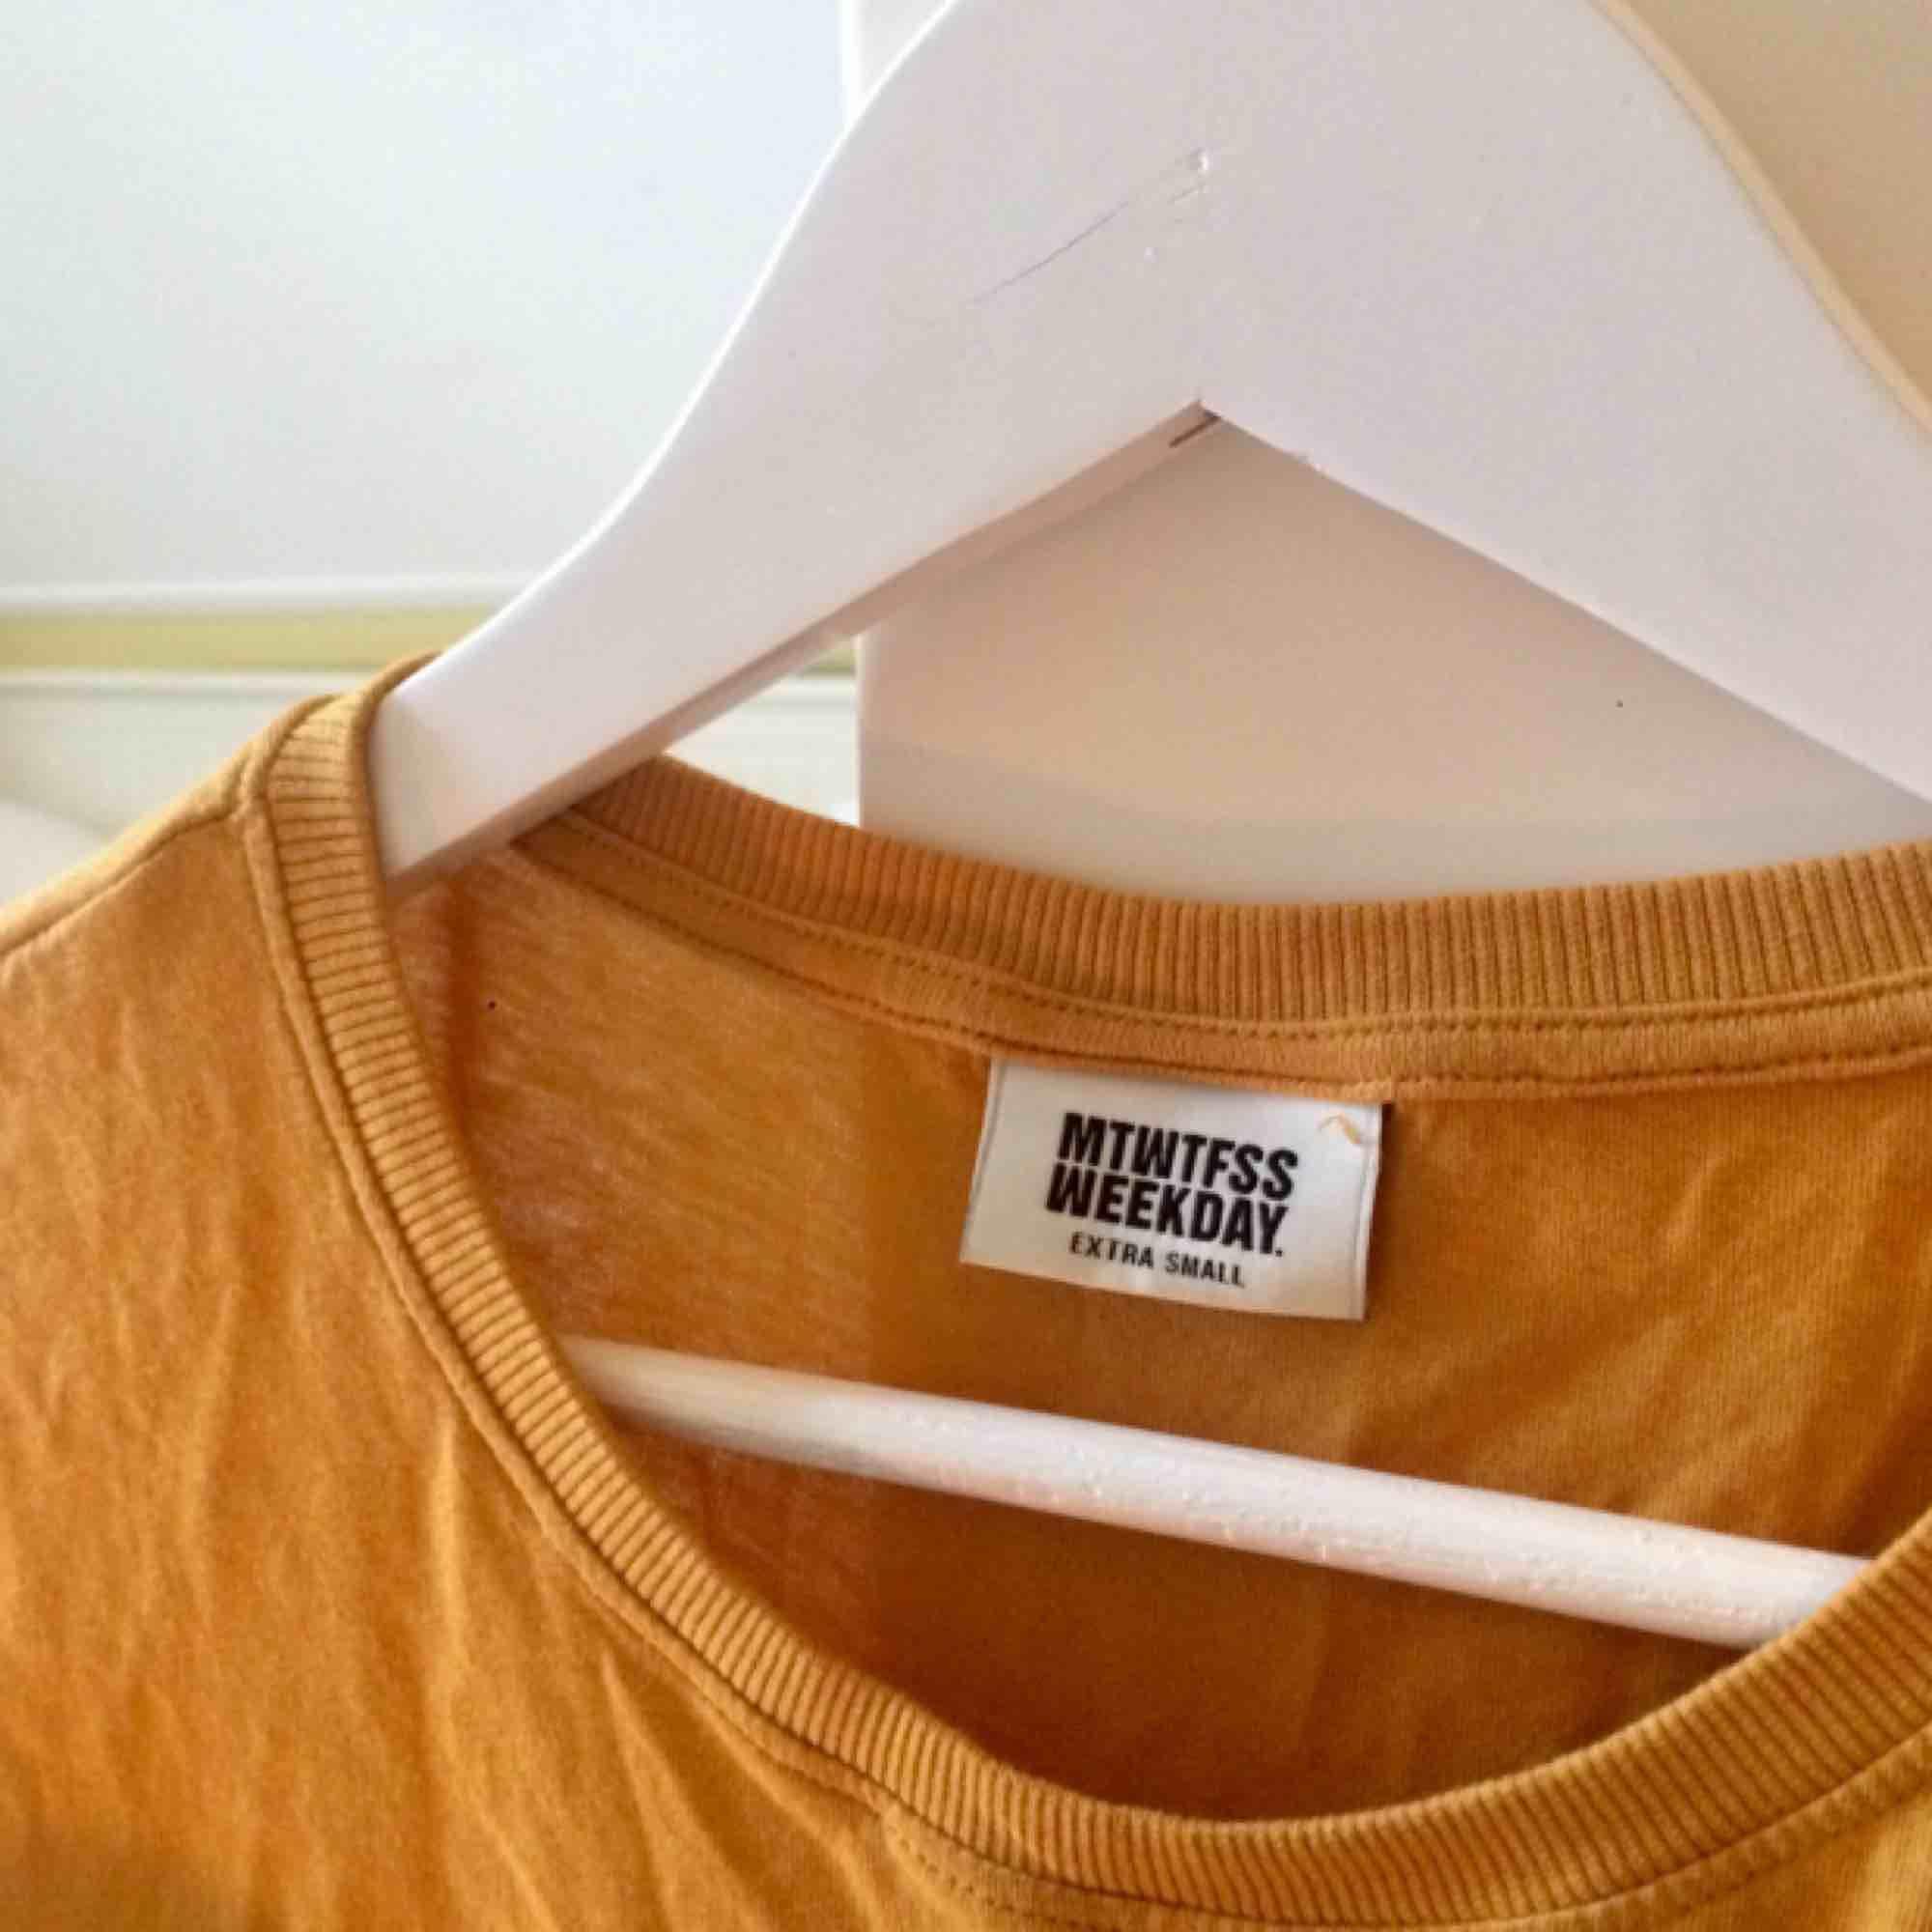 Gul t-shirt från MTWTFSS WEEKDAY. 🌻Frakt tillkommer (25kr)🦕 No refunds 🌻. T-shirts.